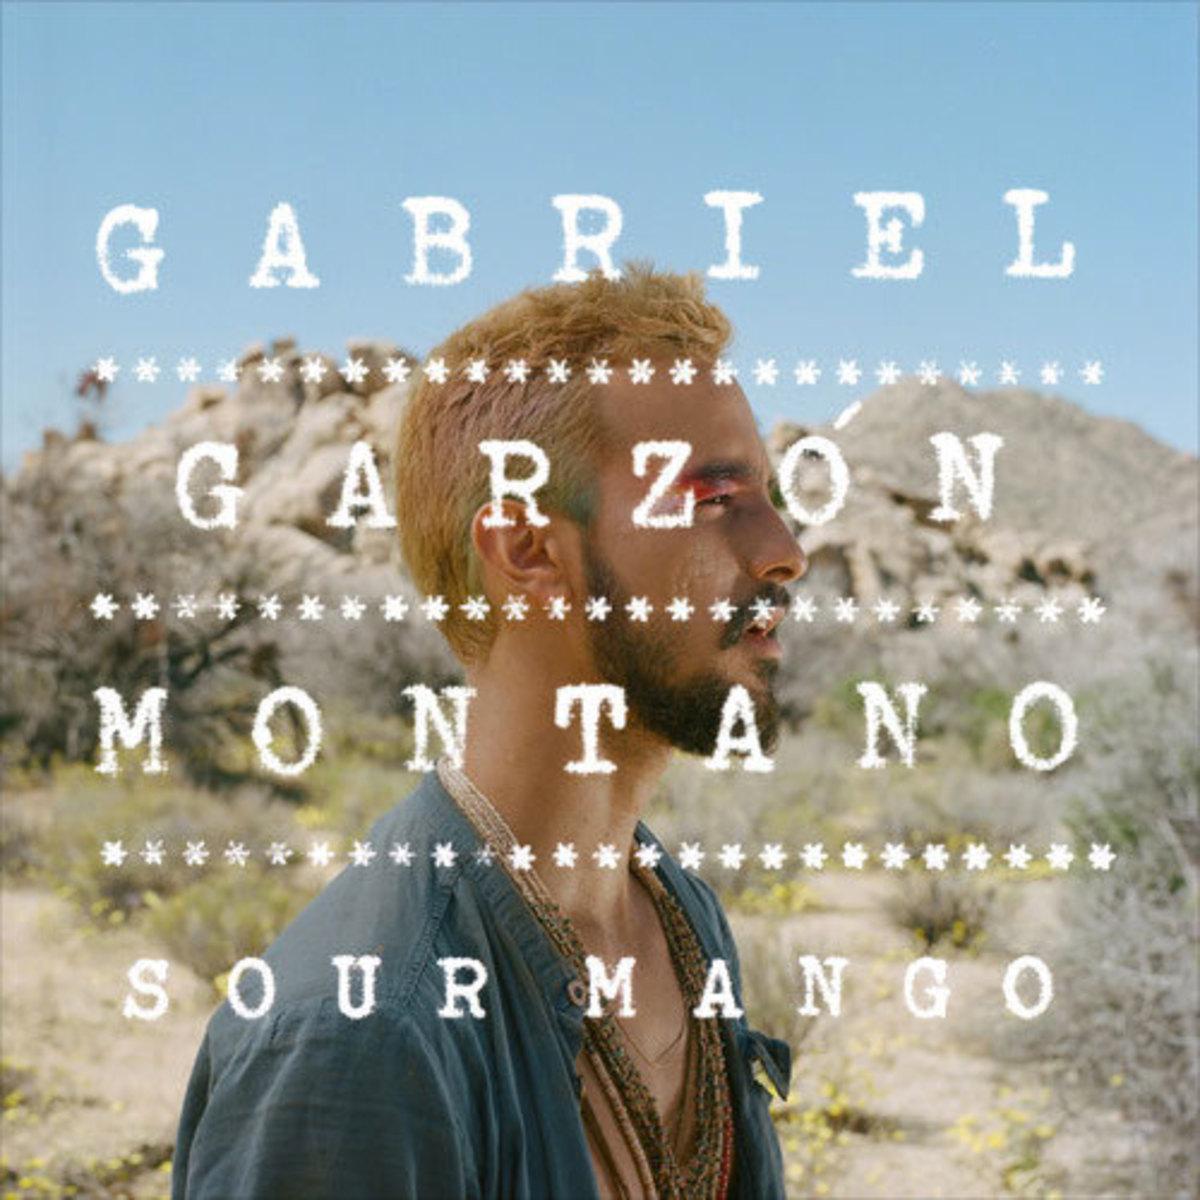 gabriel-garzon-montano-sour-mango.jpg